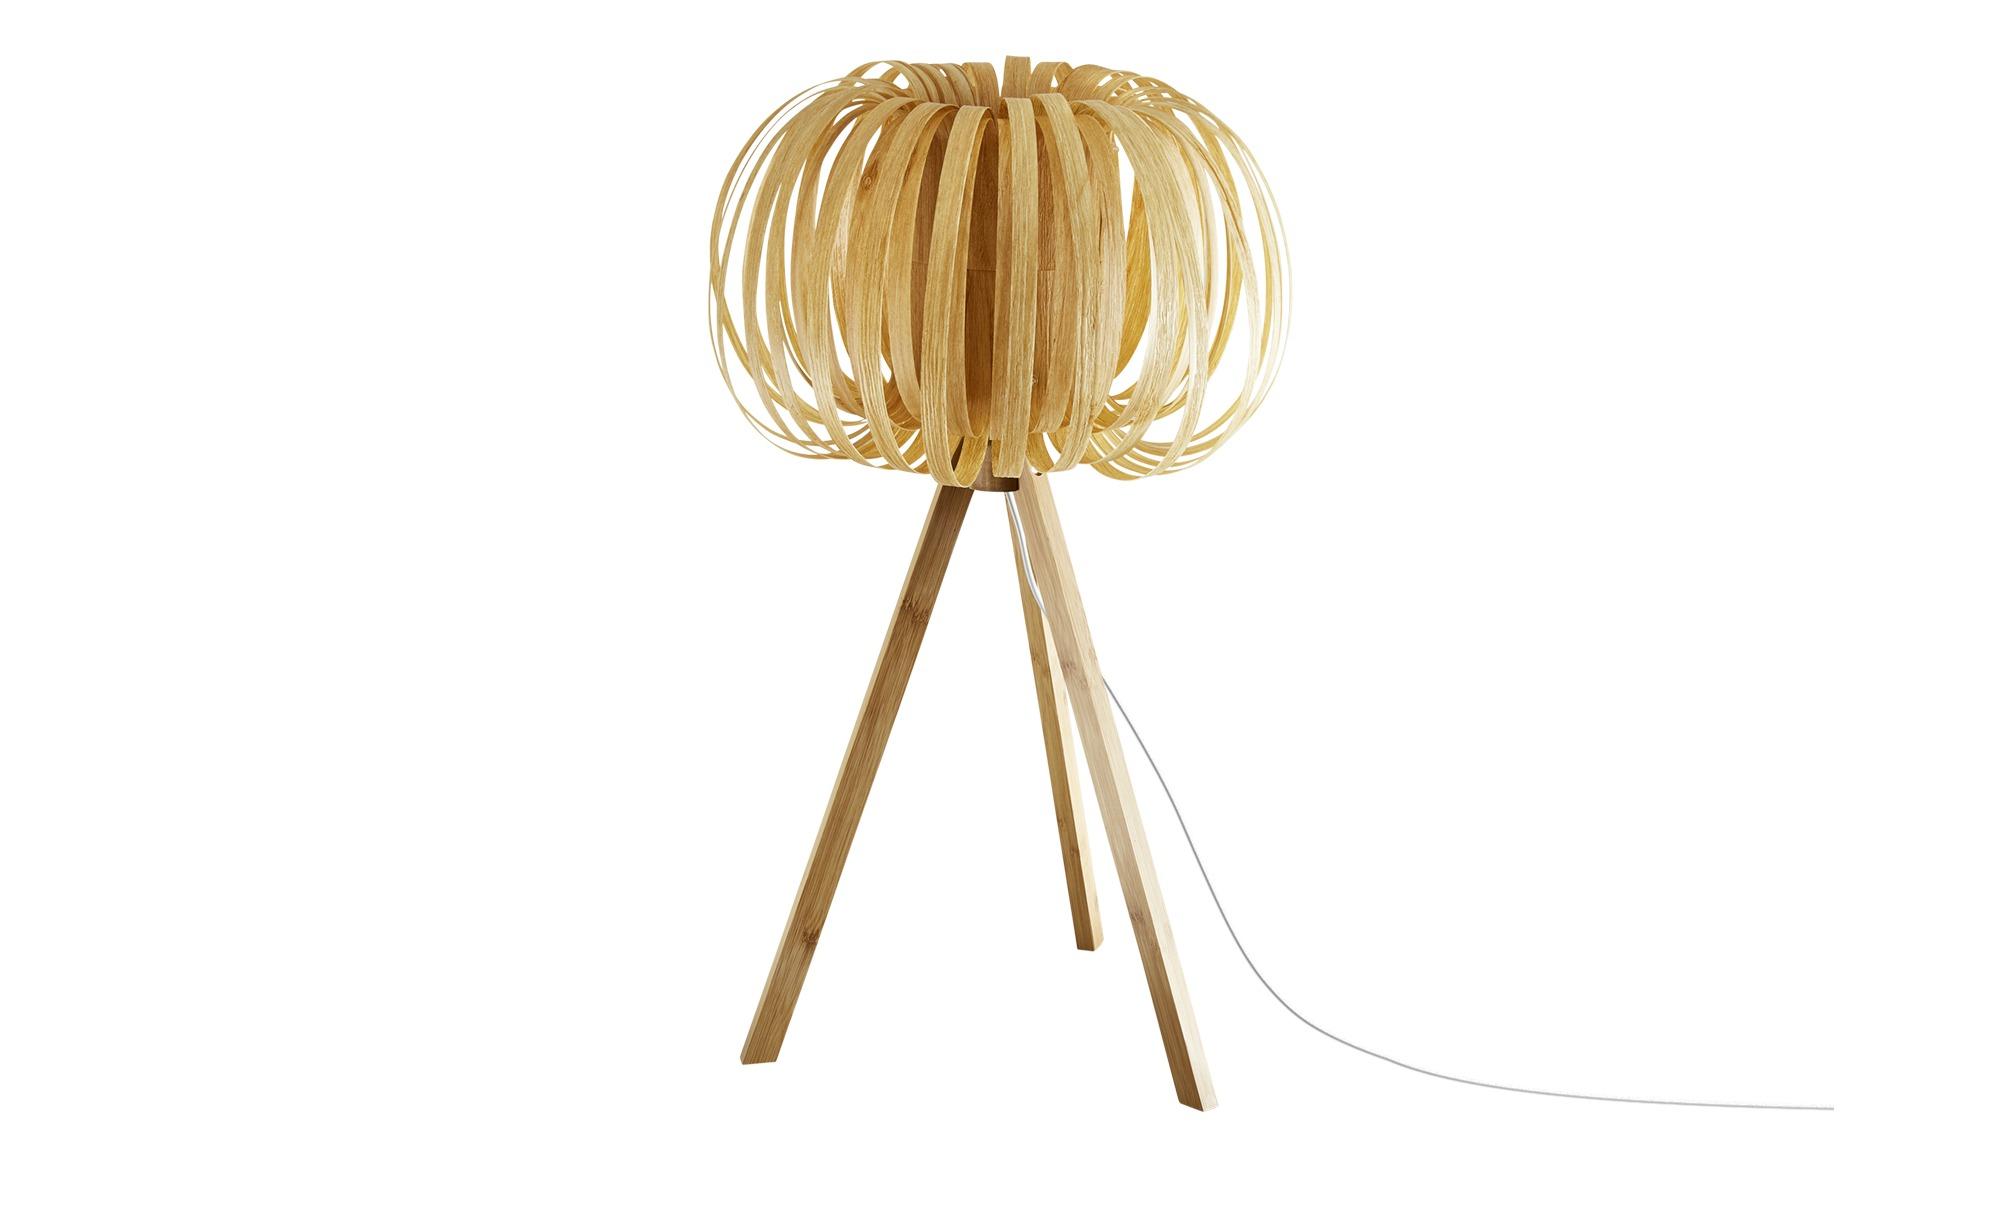 KHG Tischleuchte, 1-flammig, Schirm in Holz-Optik ¦ holzfarben ¦ Maße (cm): H: 58 Ø: 33 Lampen & Leuchten > Innenleuchten > Tischlampen - Höffner